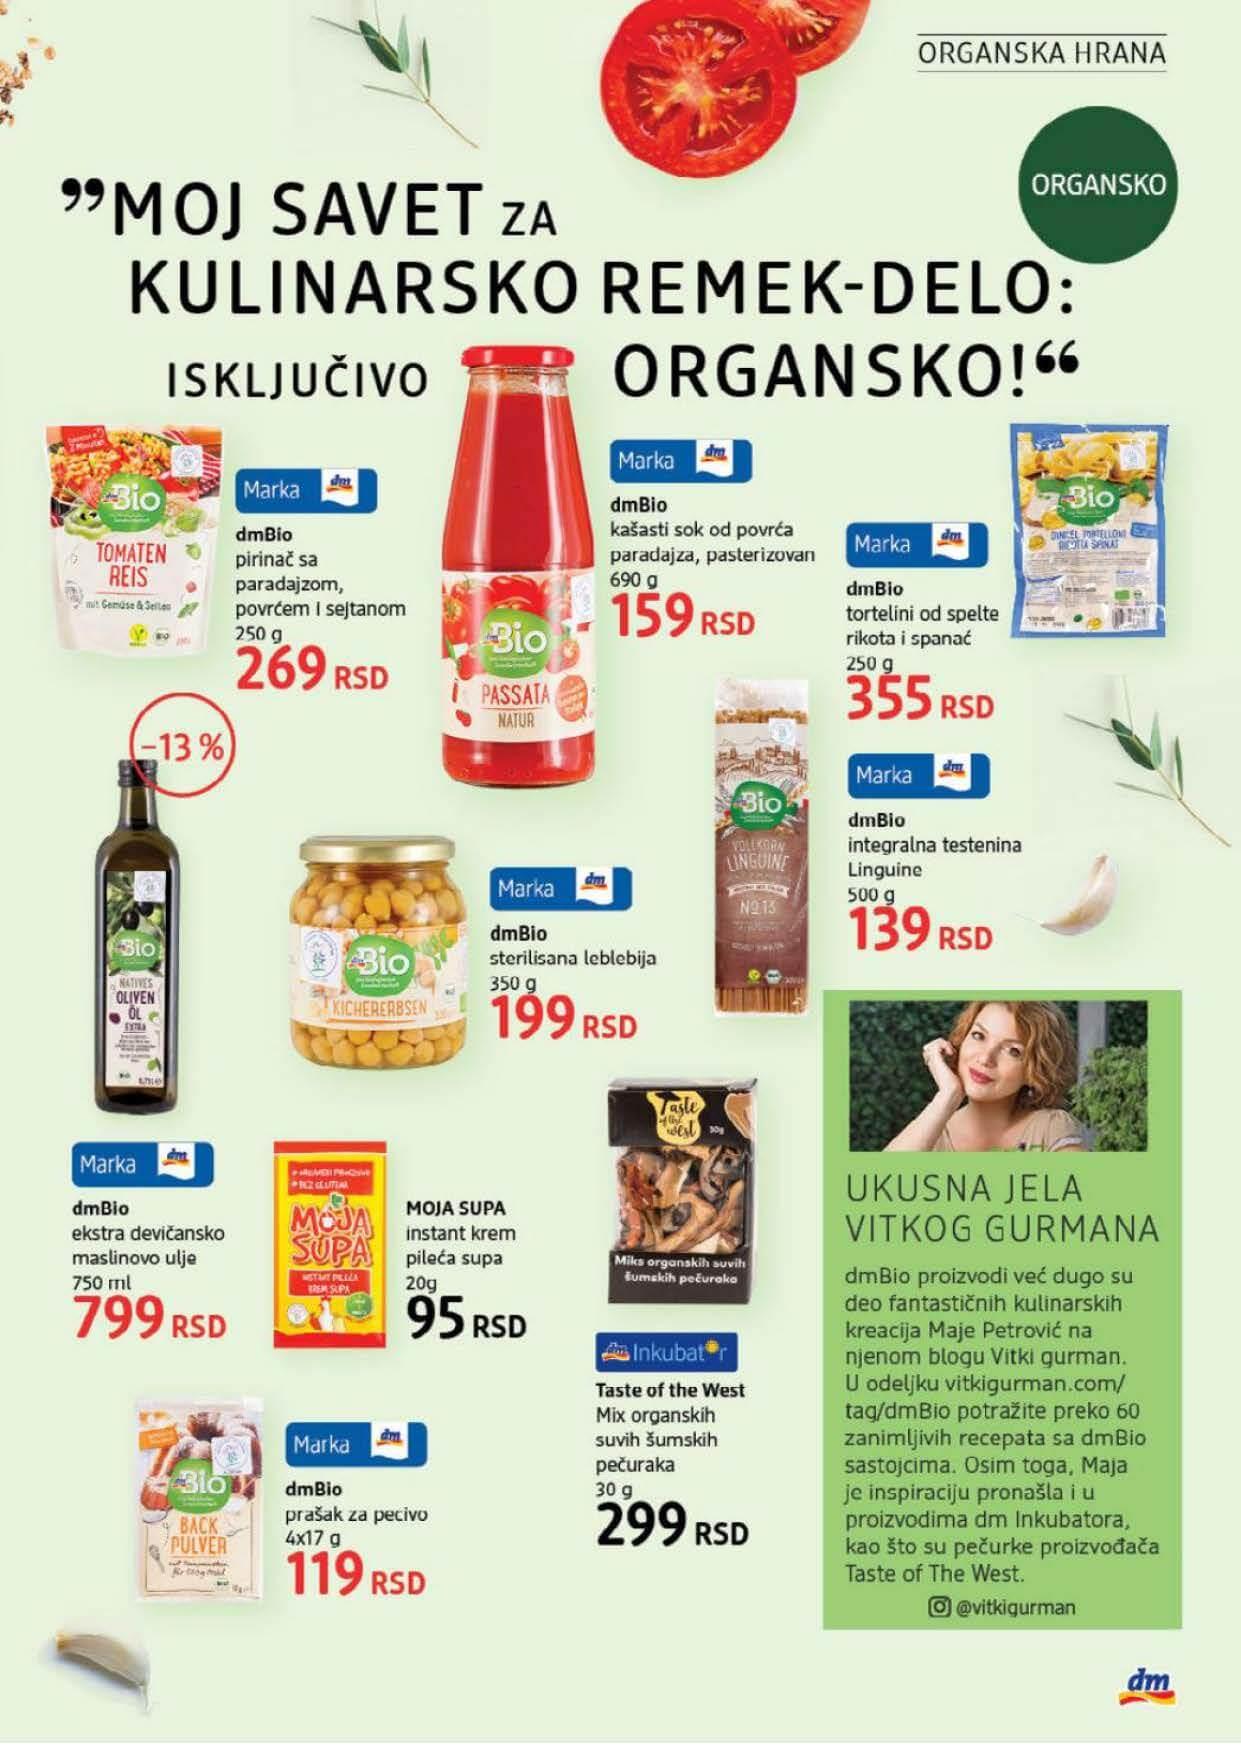 DM Katalog SRBIJA JUN 2021 01.06.2021. 30.06.2021. eKatalozi.com PR Page 33